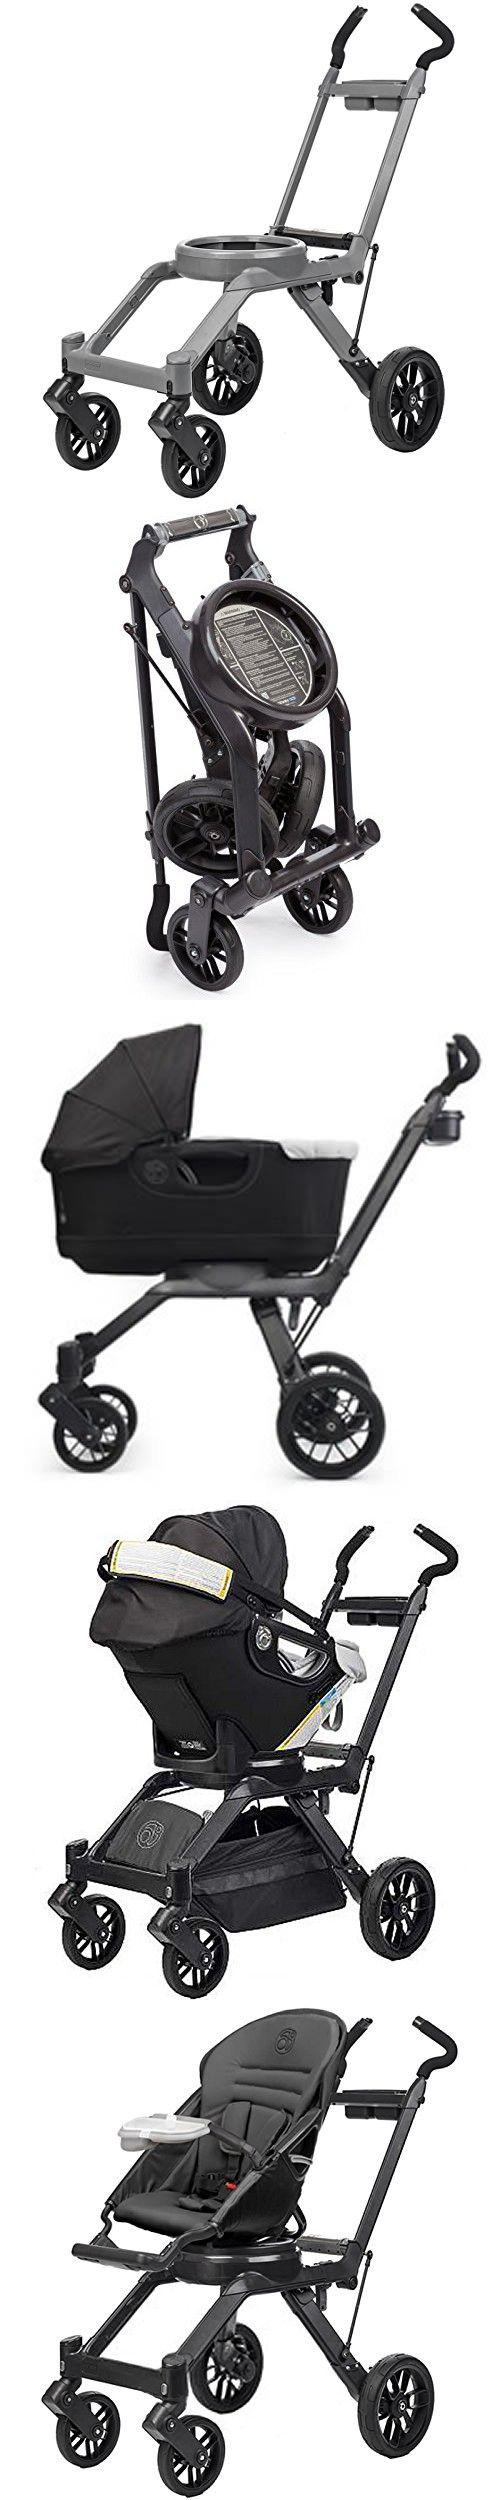 Orbit Baby G3 Stroller Base, Grey